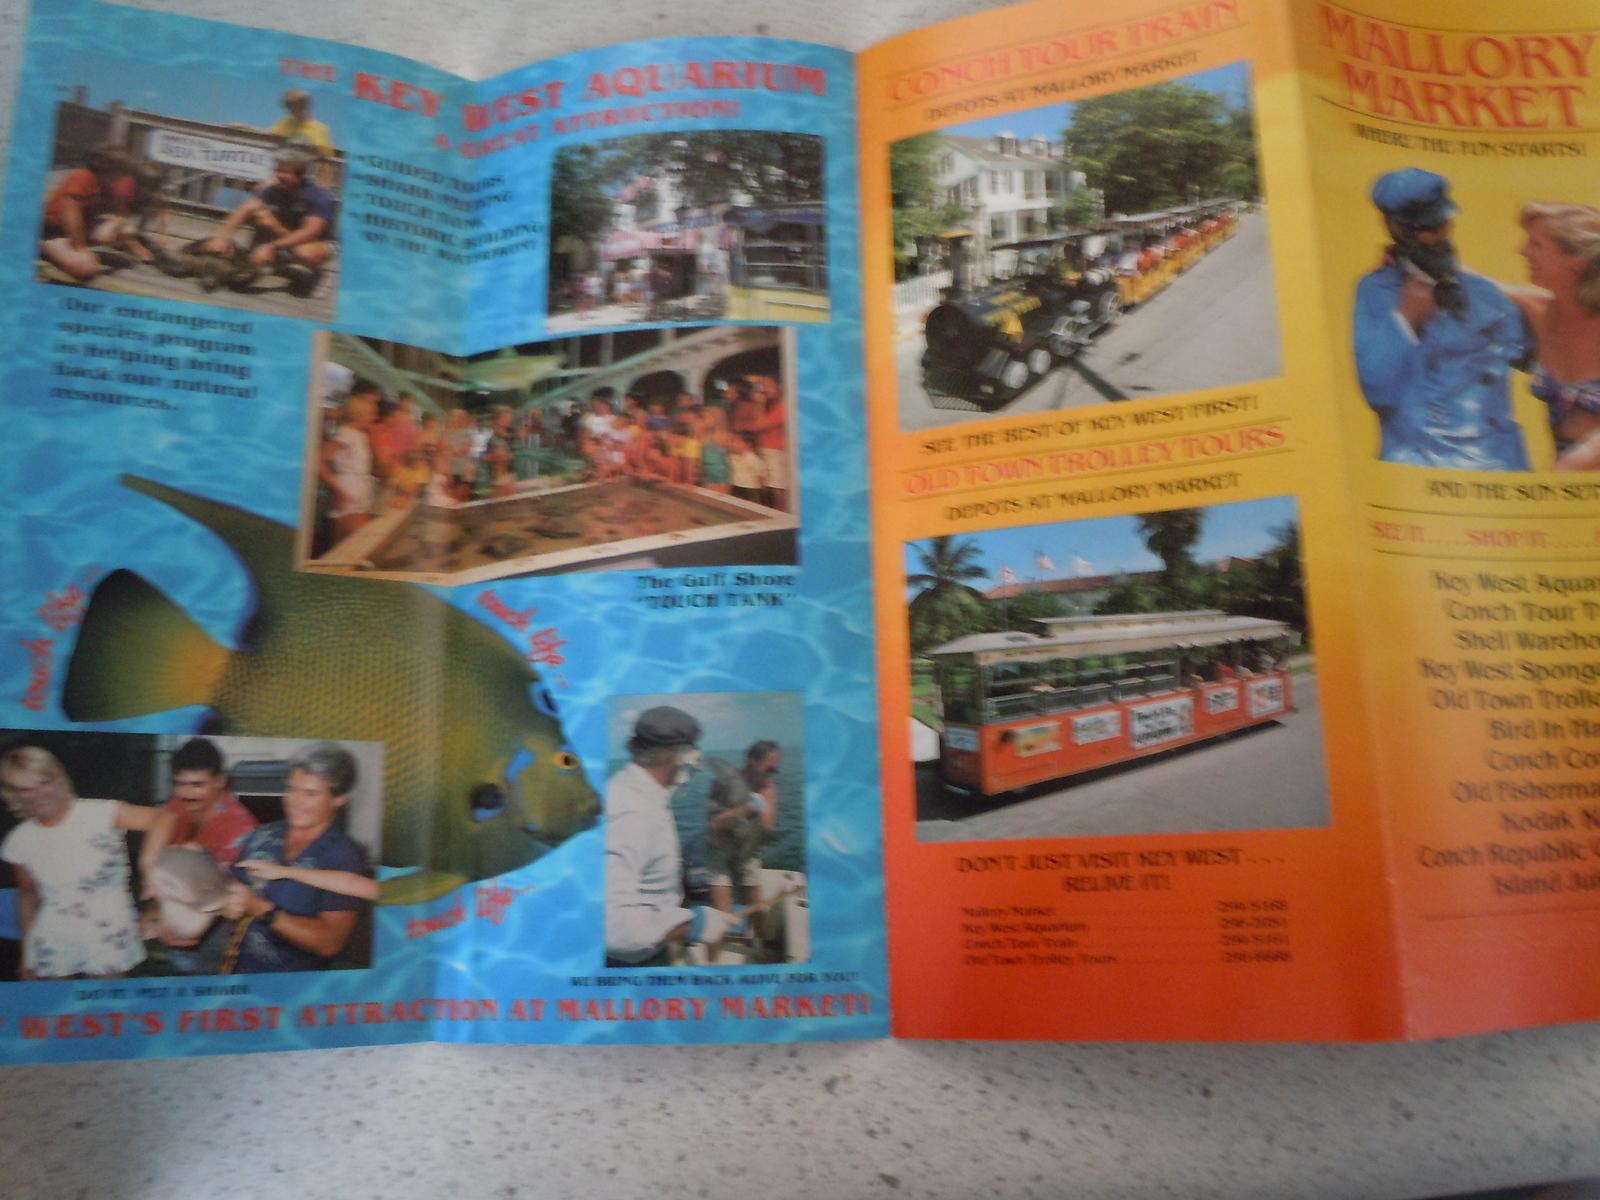 Mallory Market Key West Florida Brochure 1990